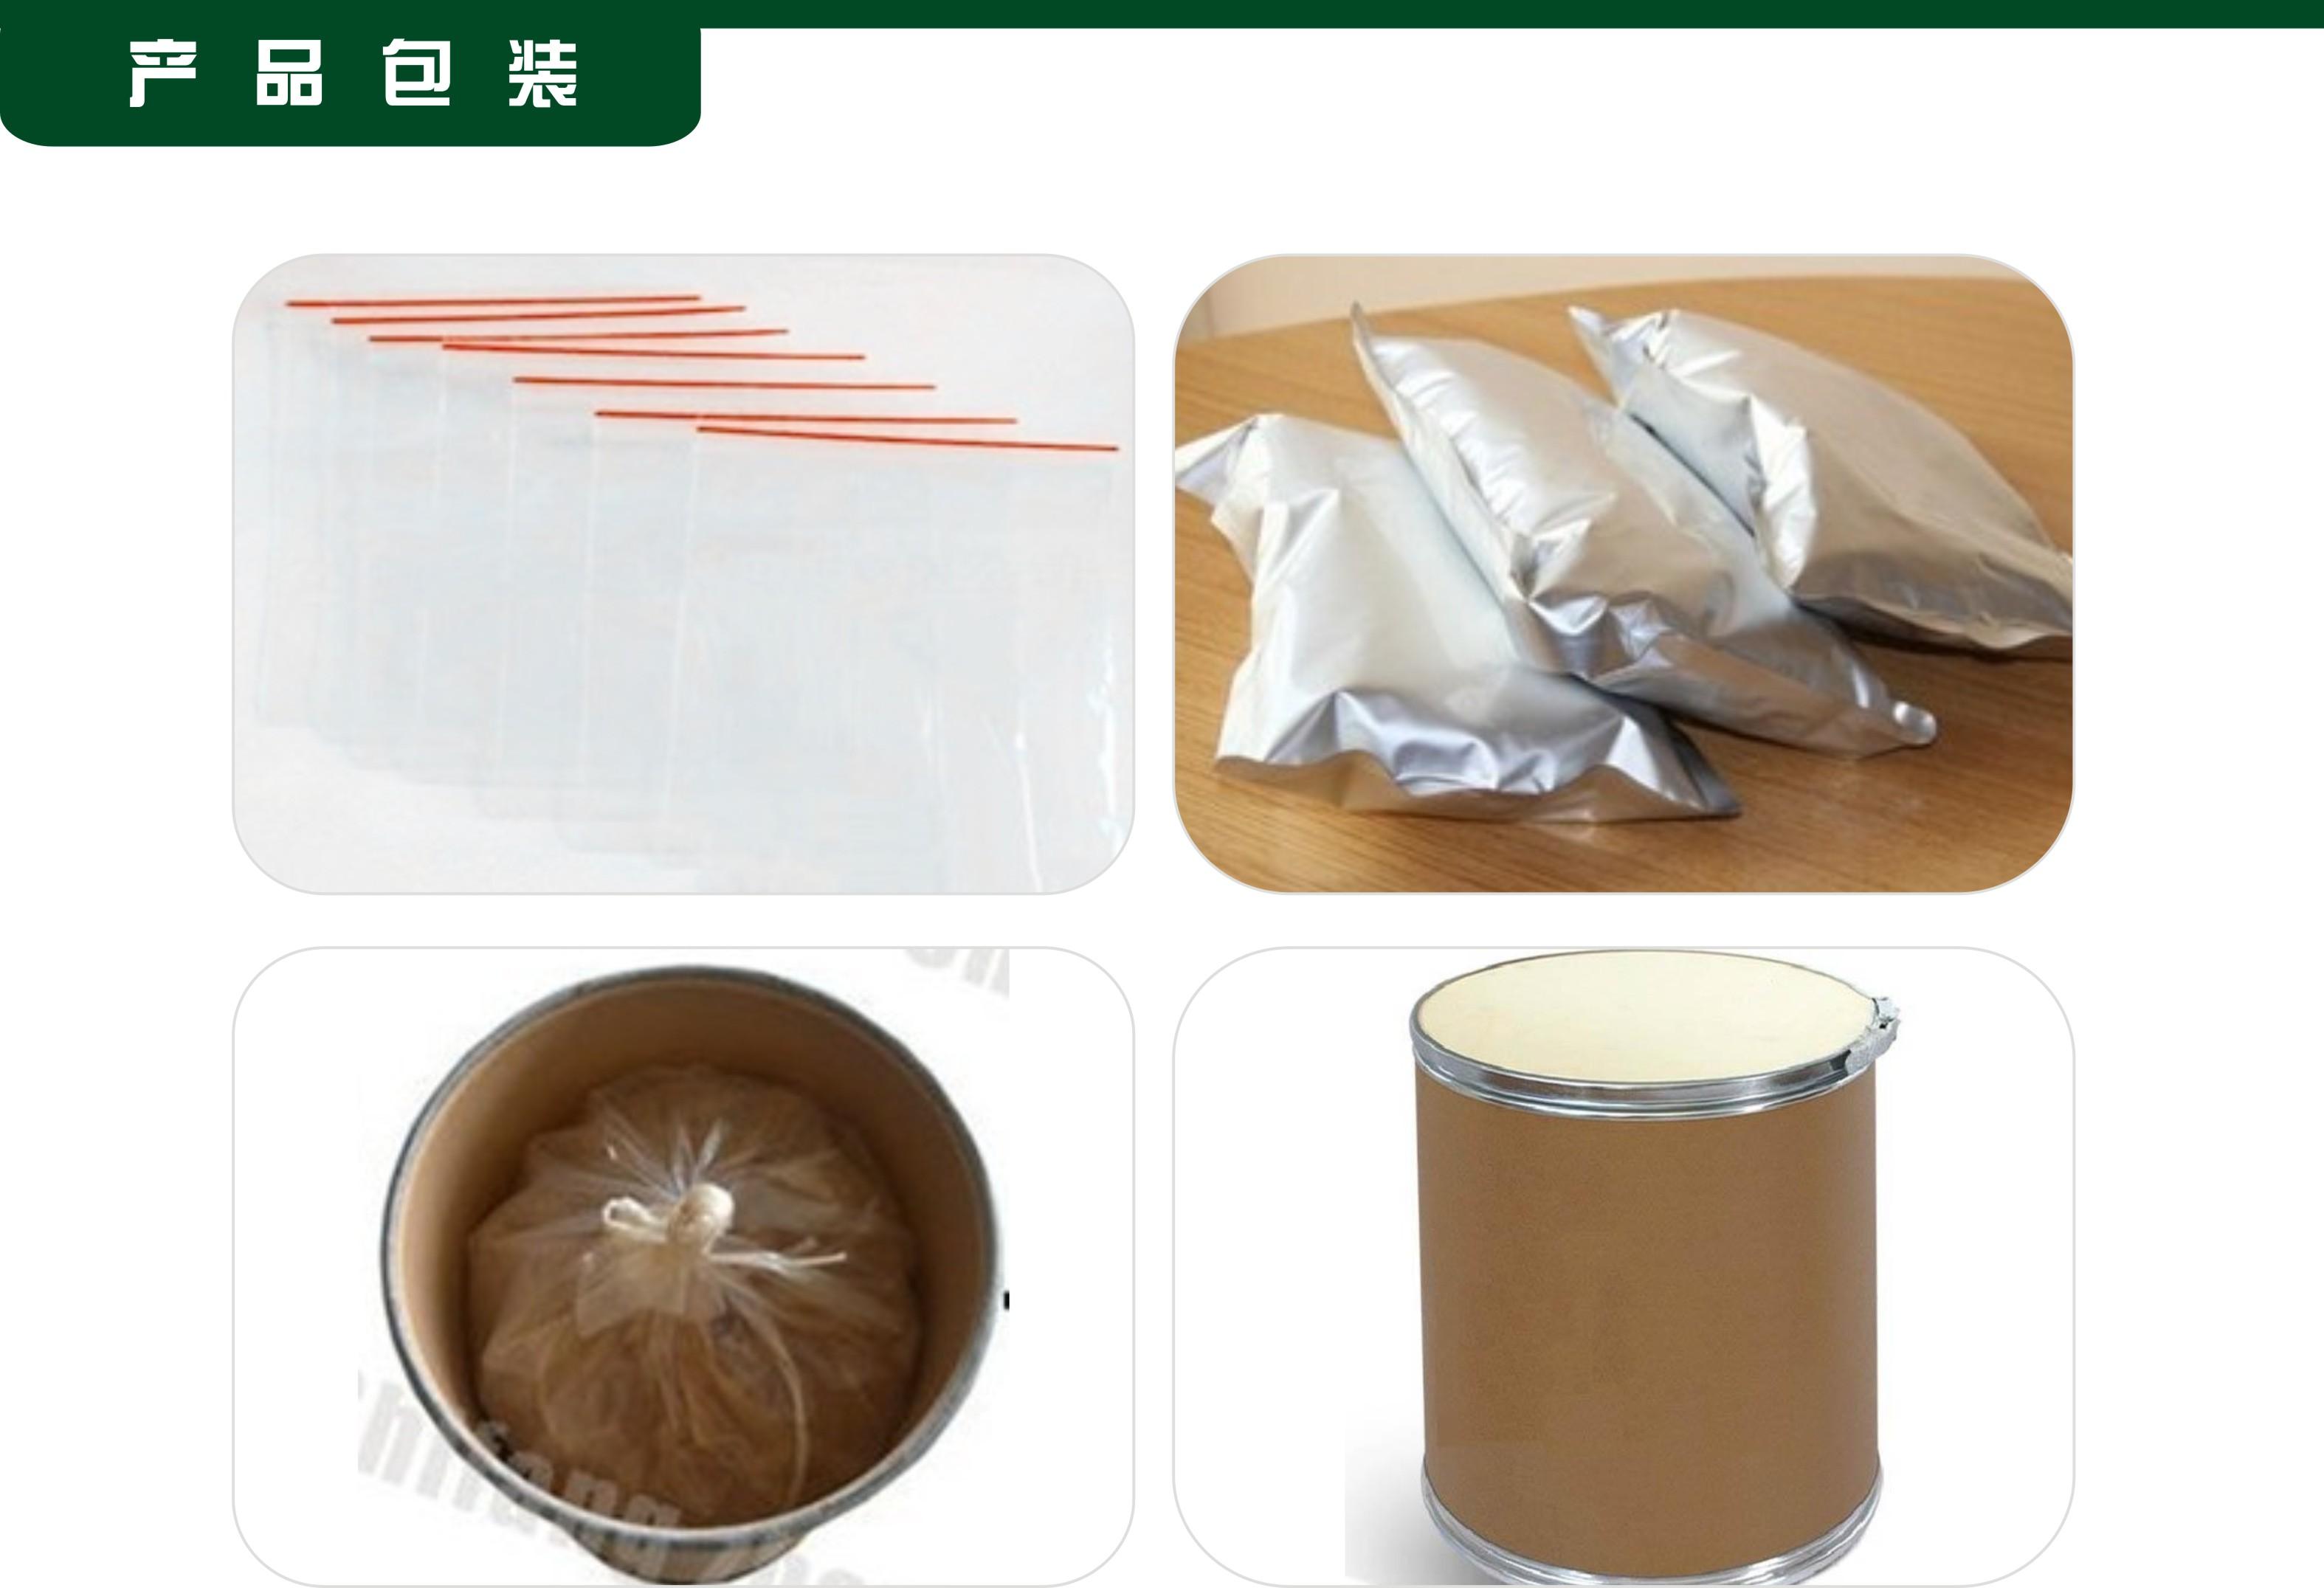 金絲桃素  貫葉連翹提取物 純植物提取示例圖4